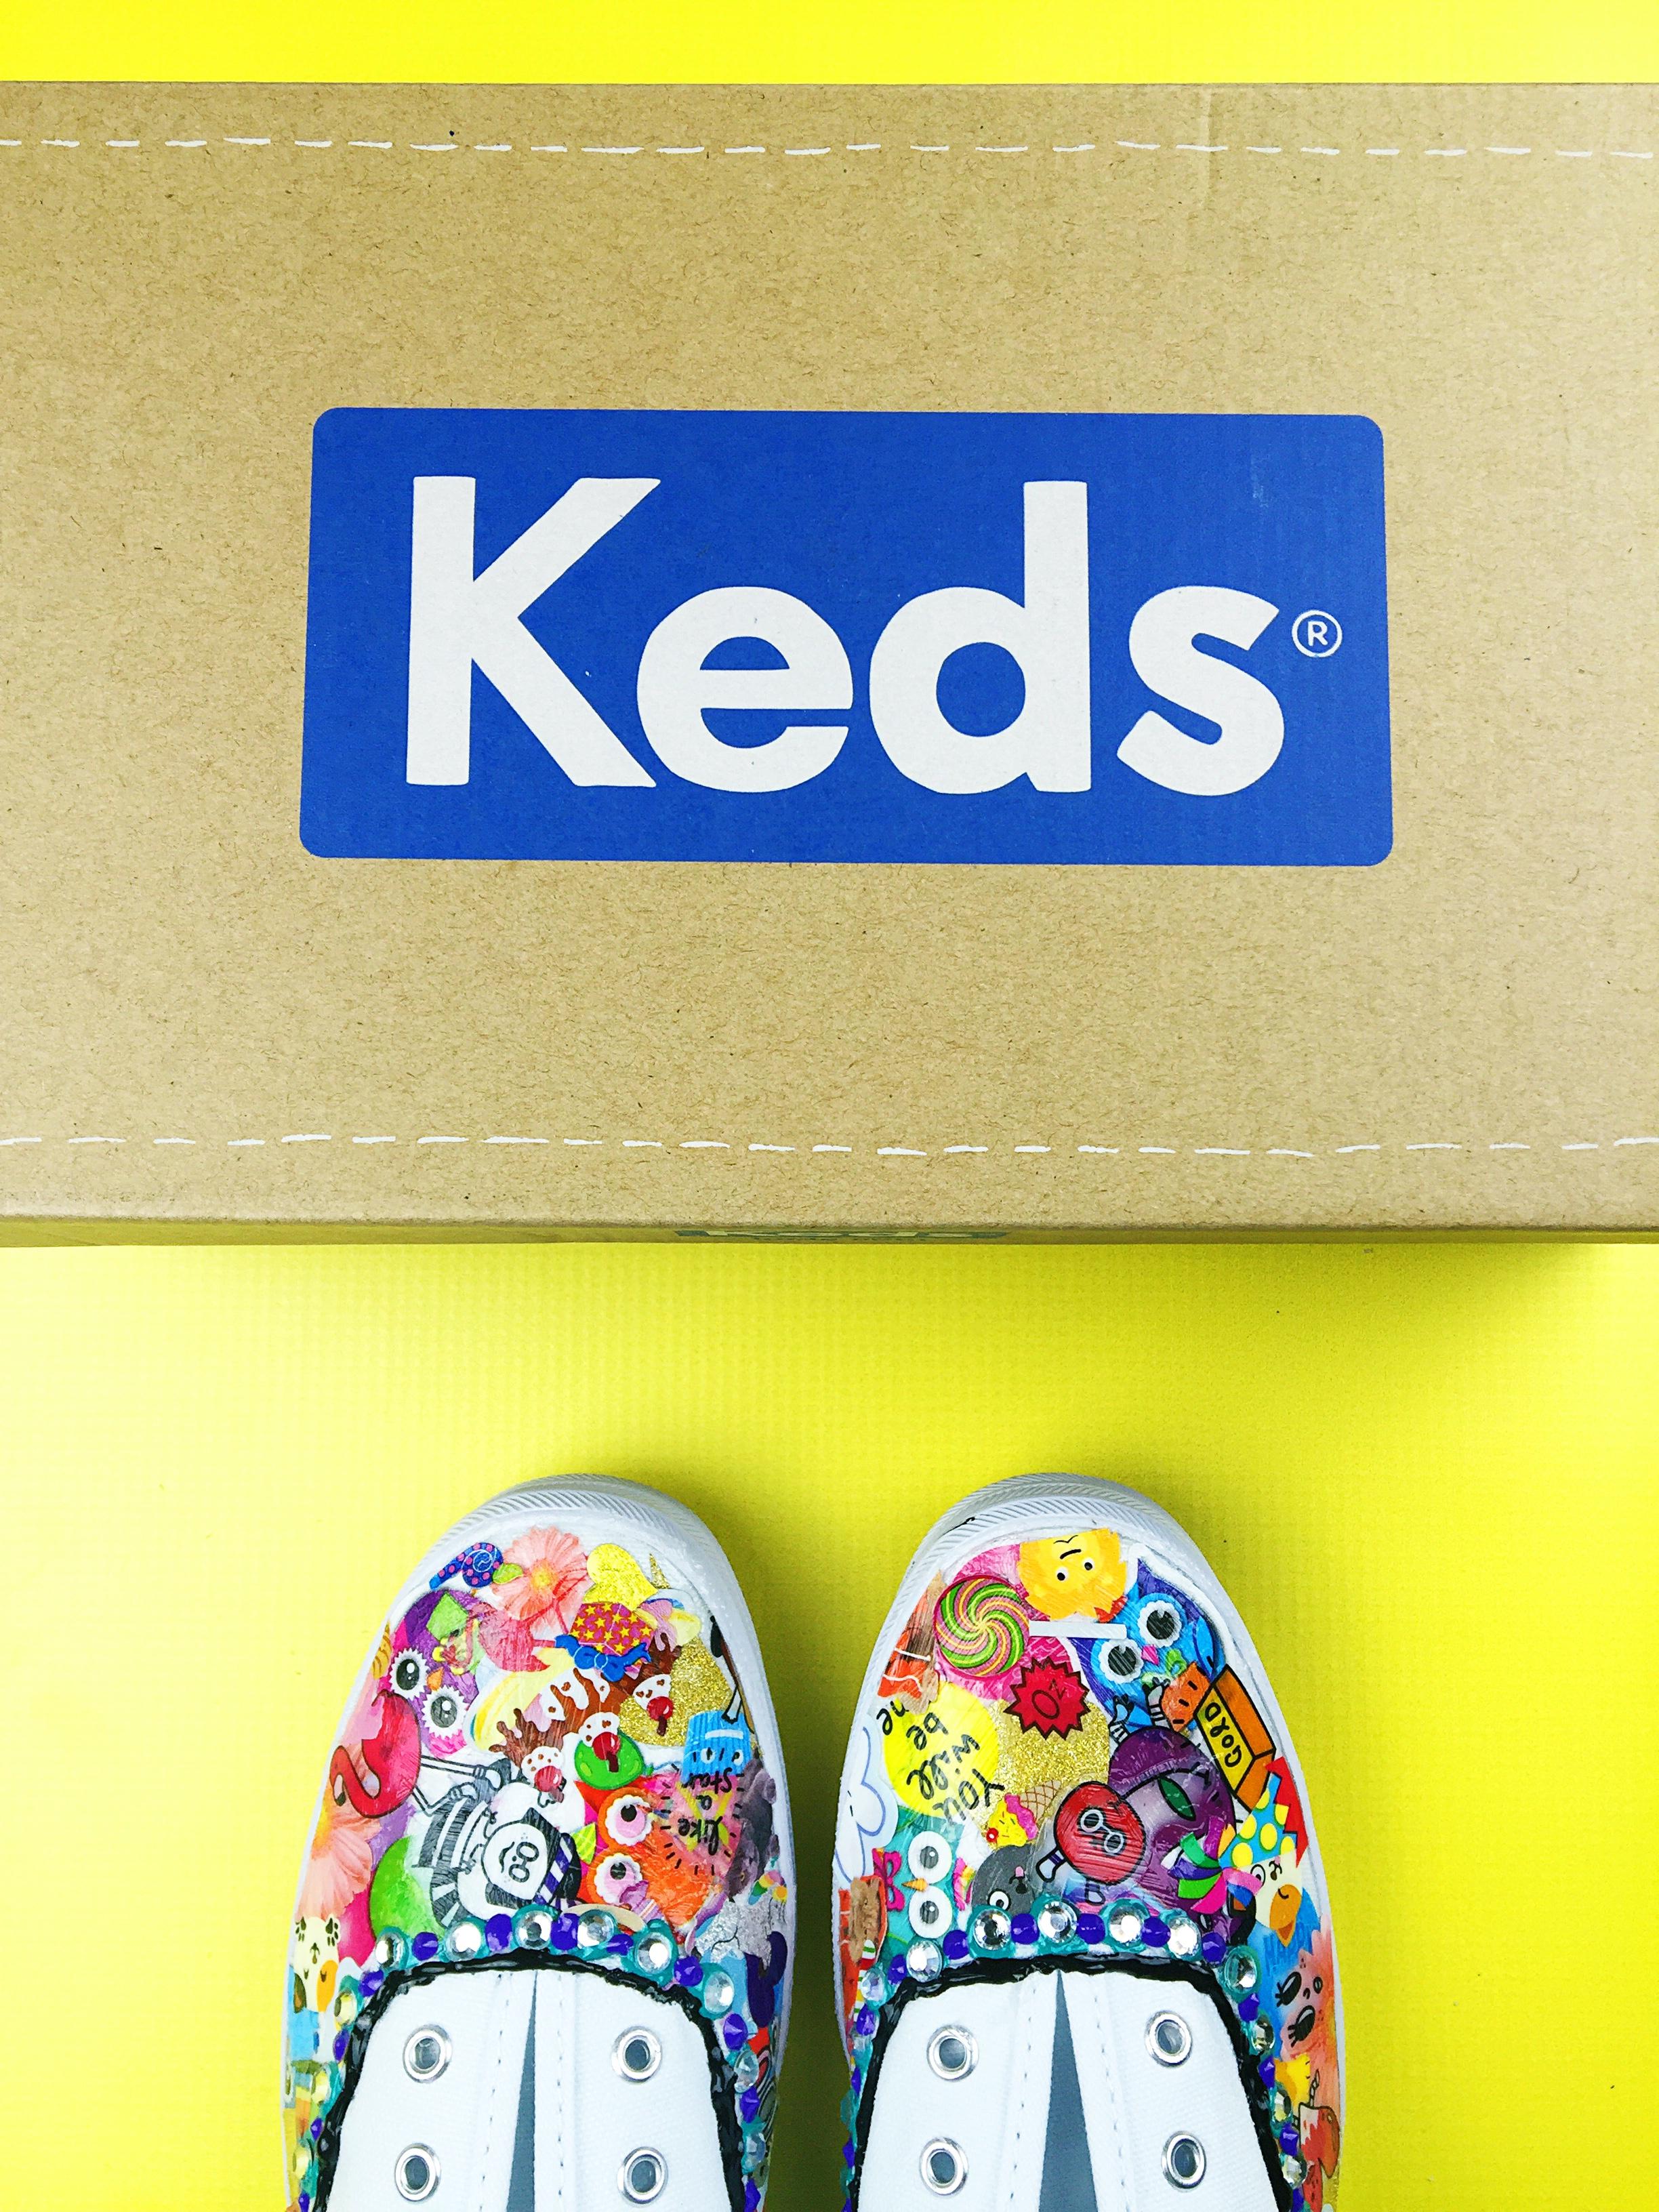 KEDS box